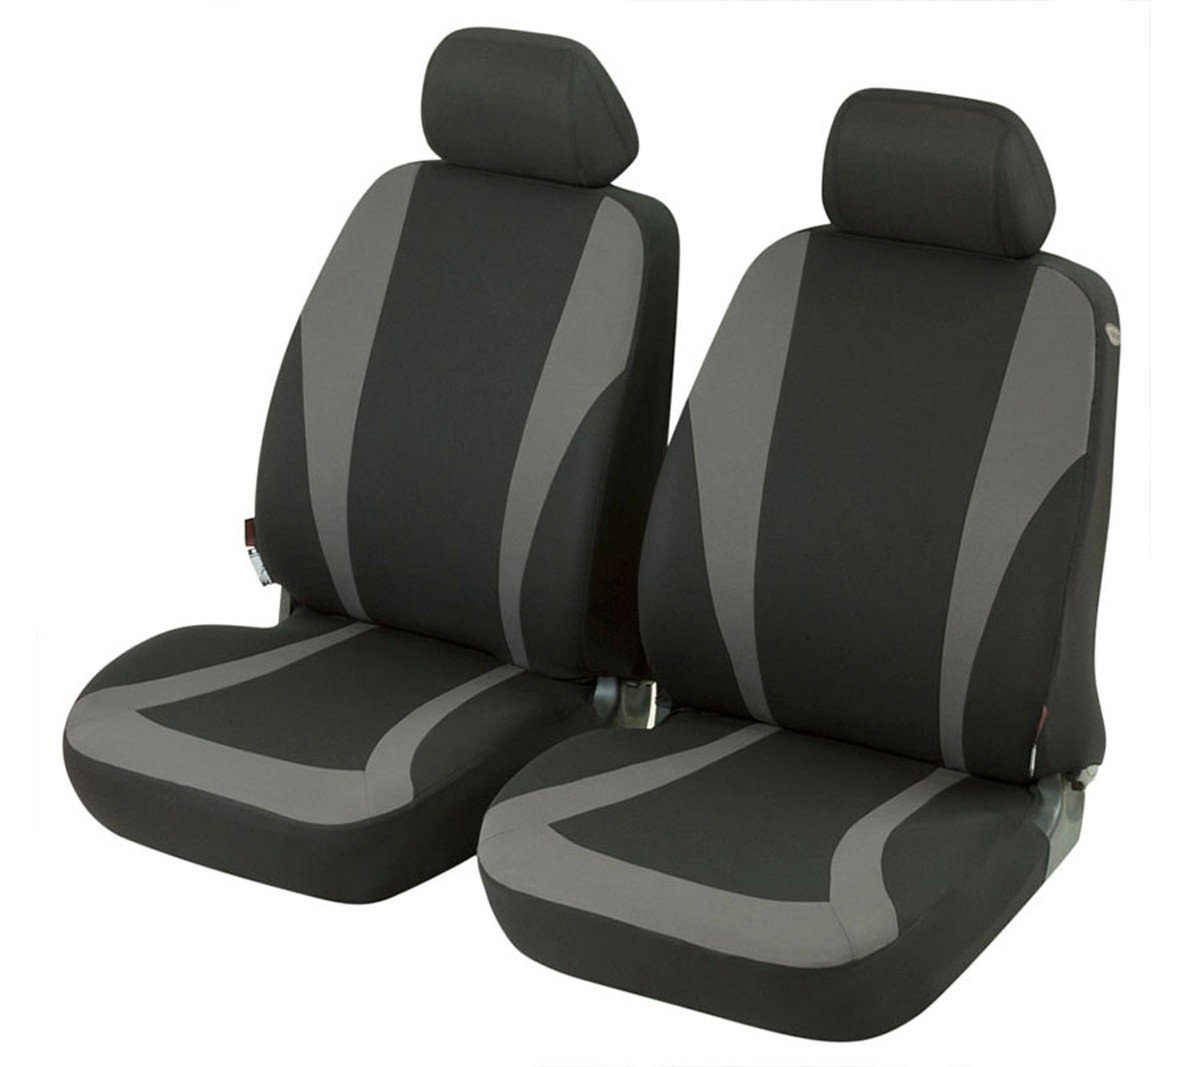 autositzbezug schonbezug vordersitzbez ge suzuki swift schwarz grau. Black Bedroom Furniture Sets. Home Design Ideas